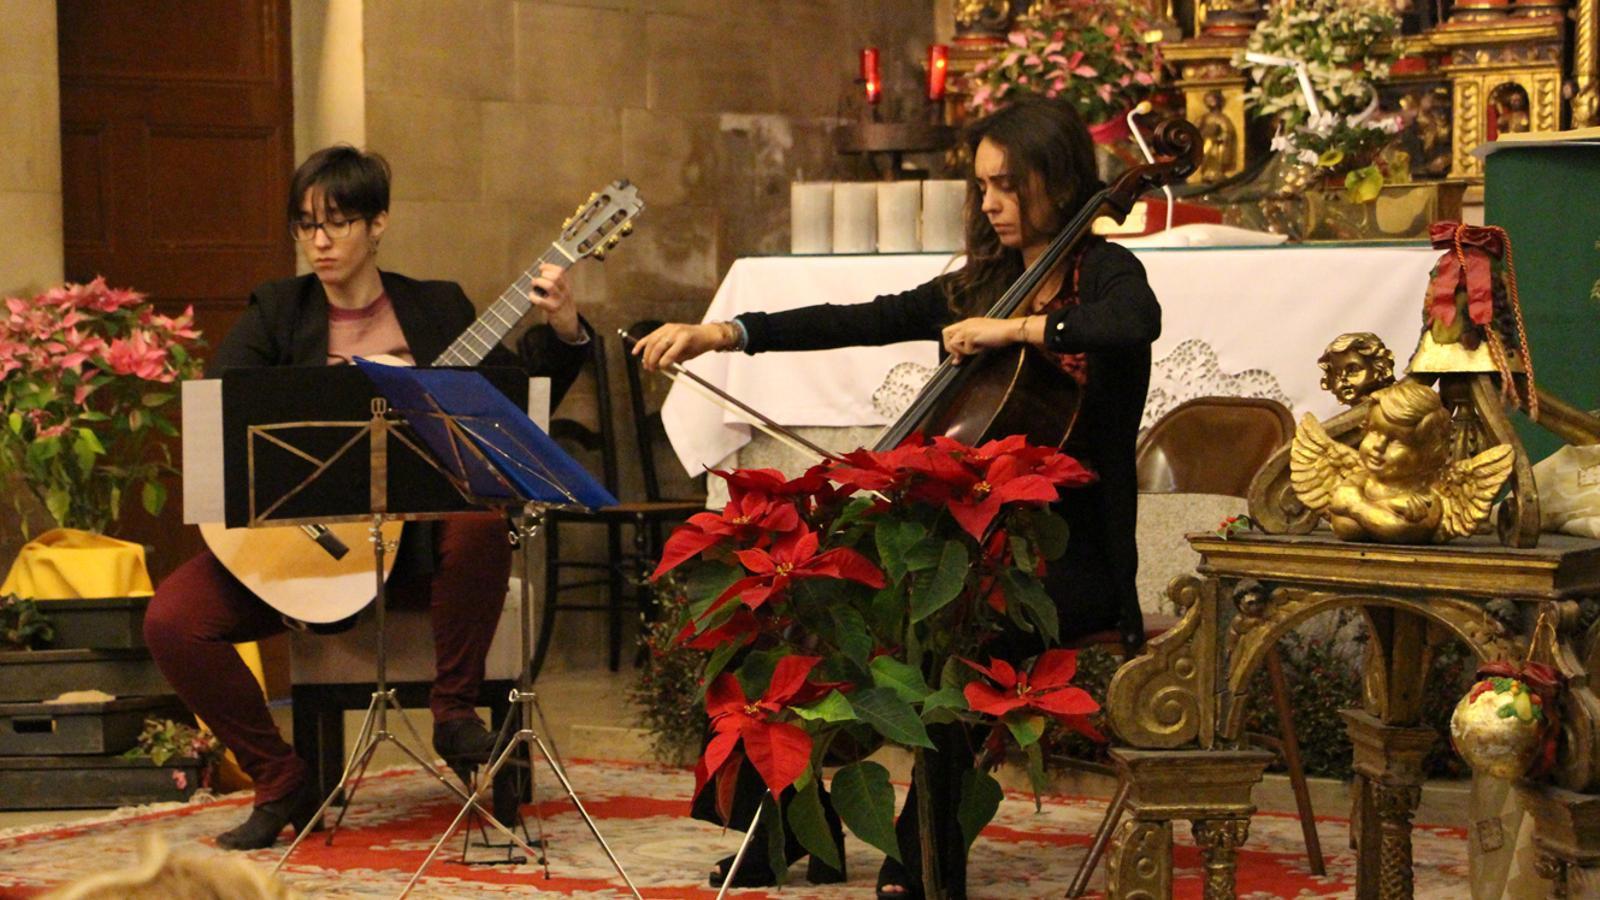 Un moment del concert de la violoncel·lista andorrana Carolina Bartumeu i la guitarrista espanyola Silvia Nogales celebrat aquest diumenge. / M. P. (ANA)